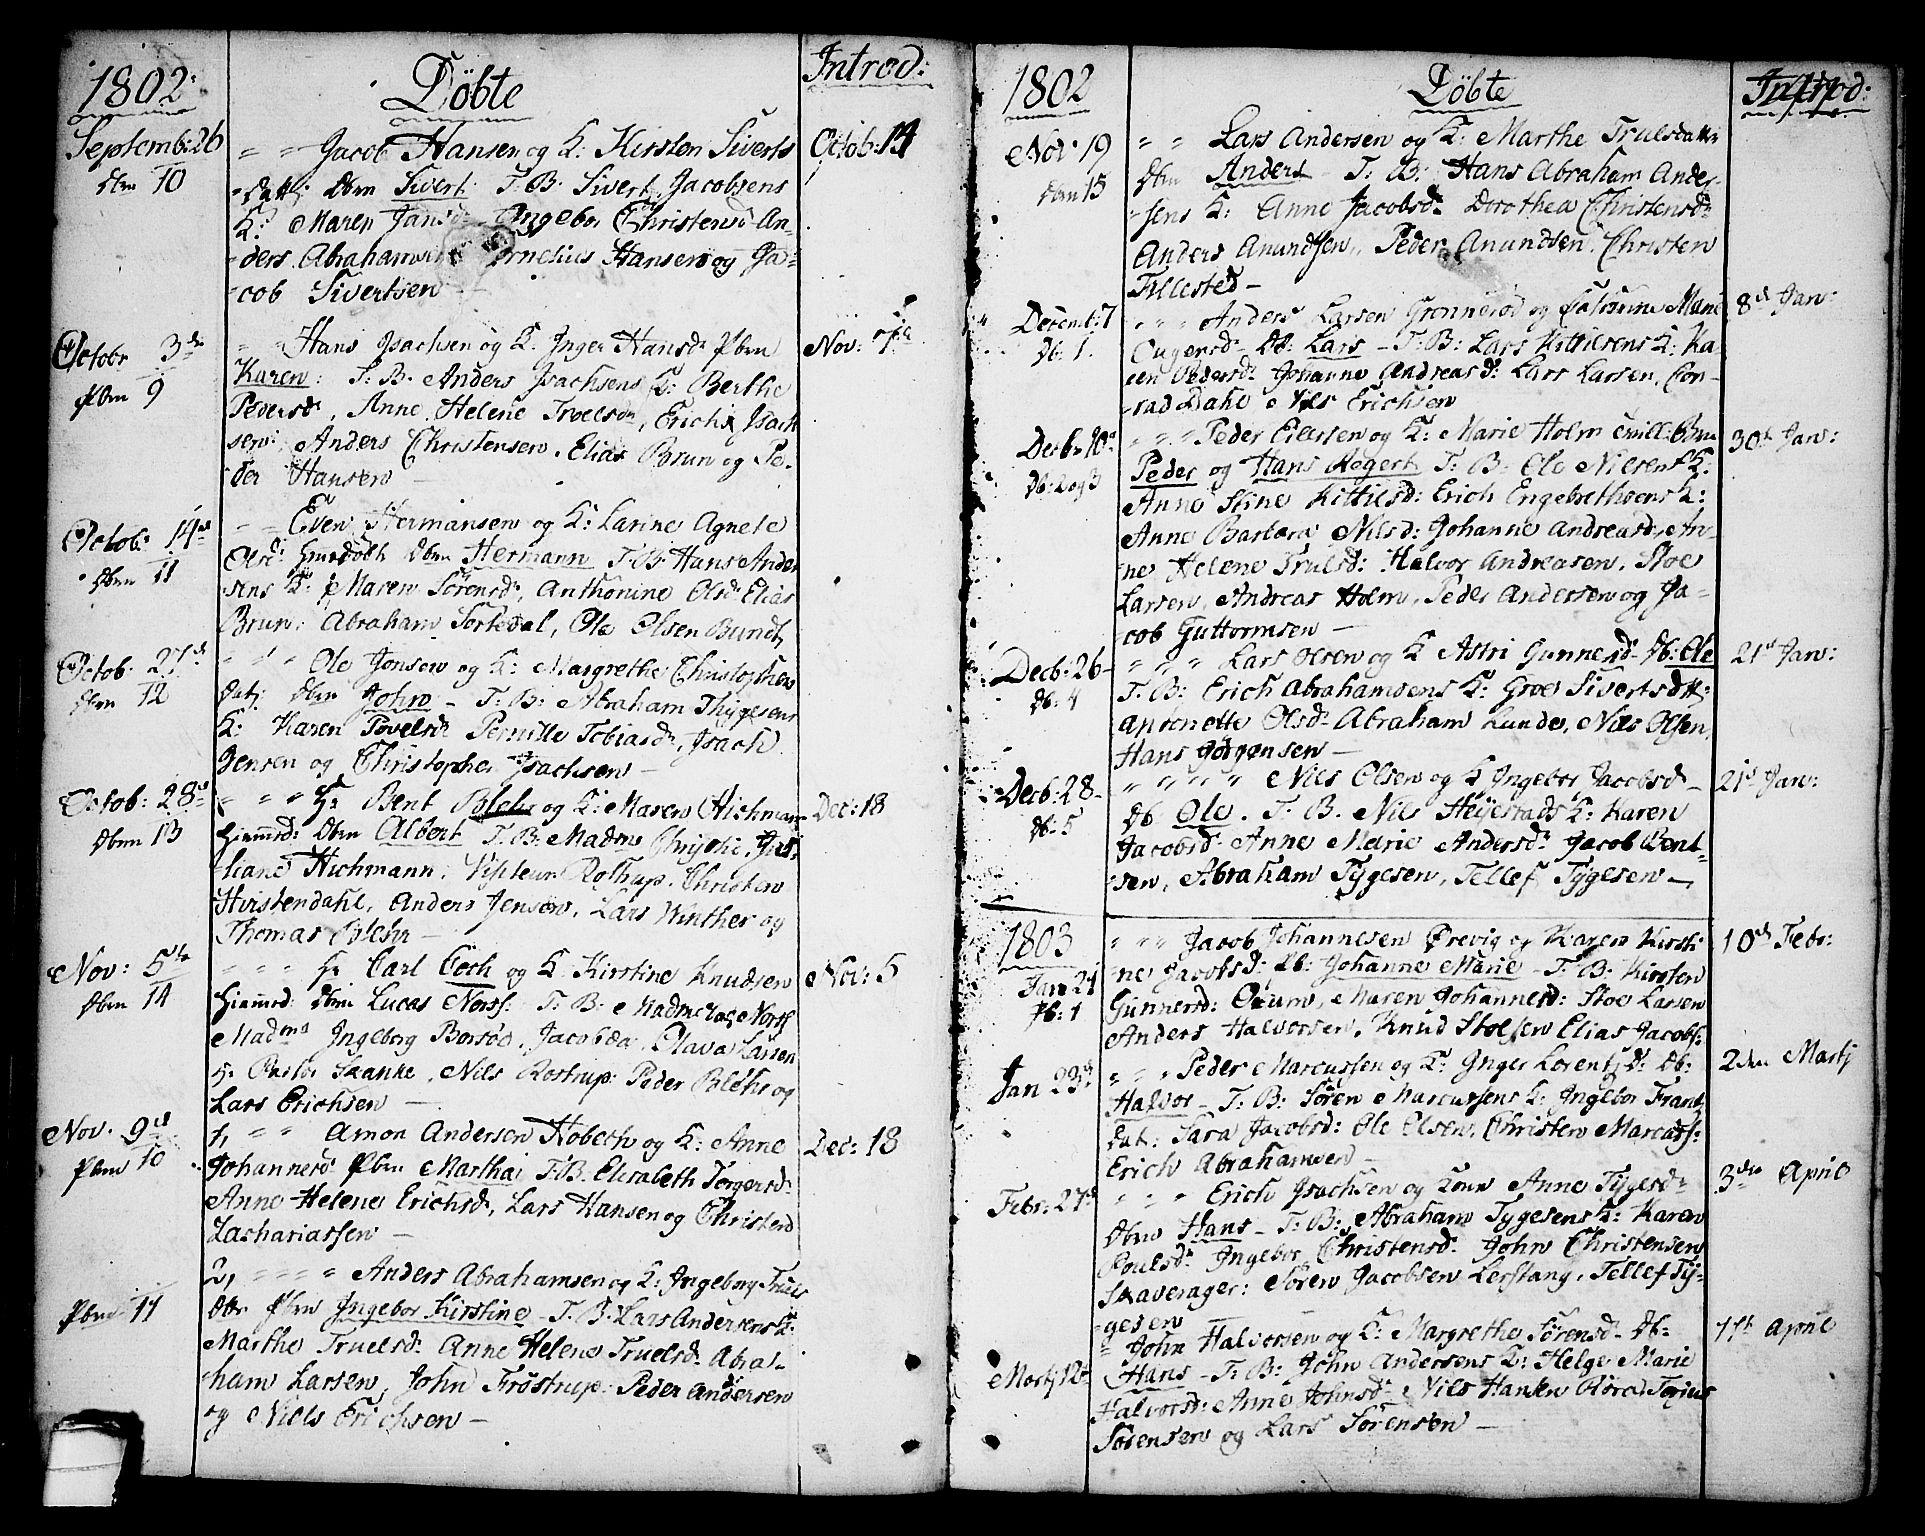 SAKO, Brevik kirkebøker, F/Fa/L0003: Ministerialbok nr. 3, 1764-1814, s. 42